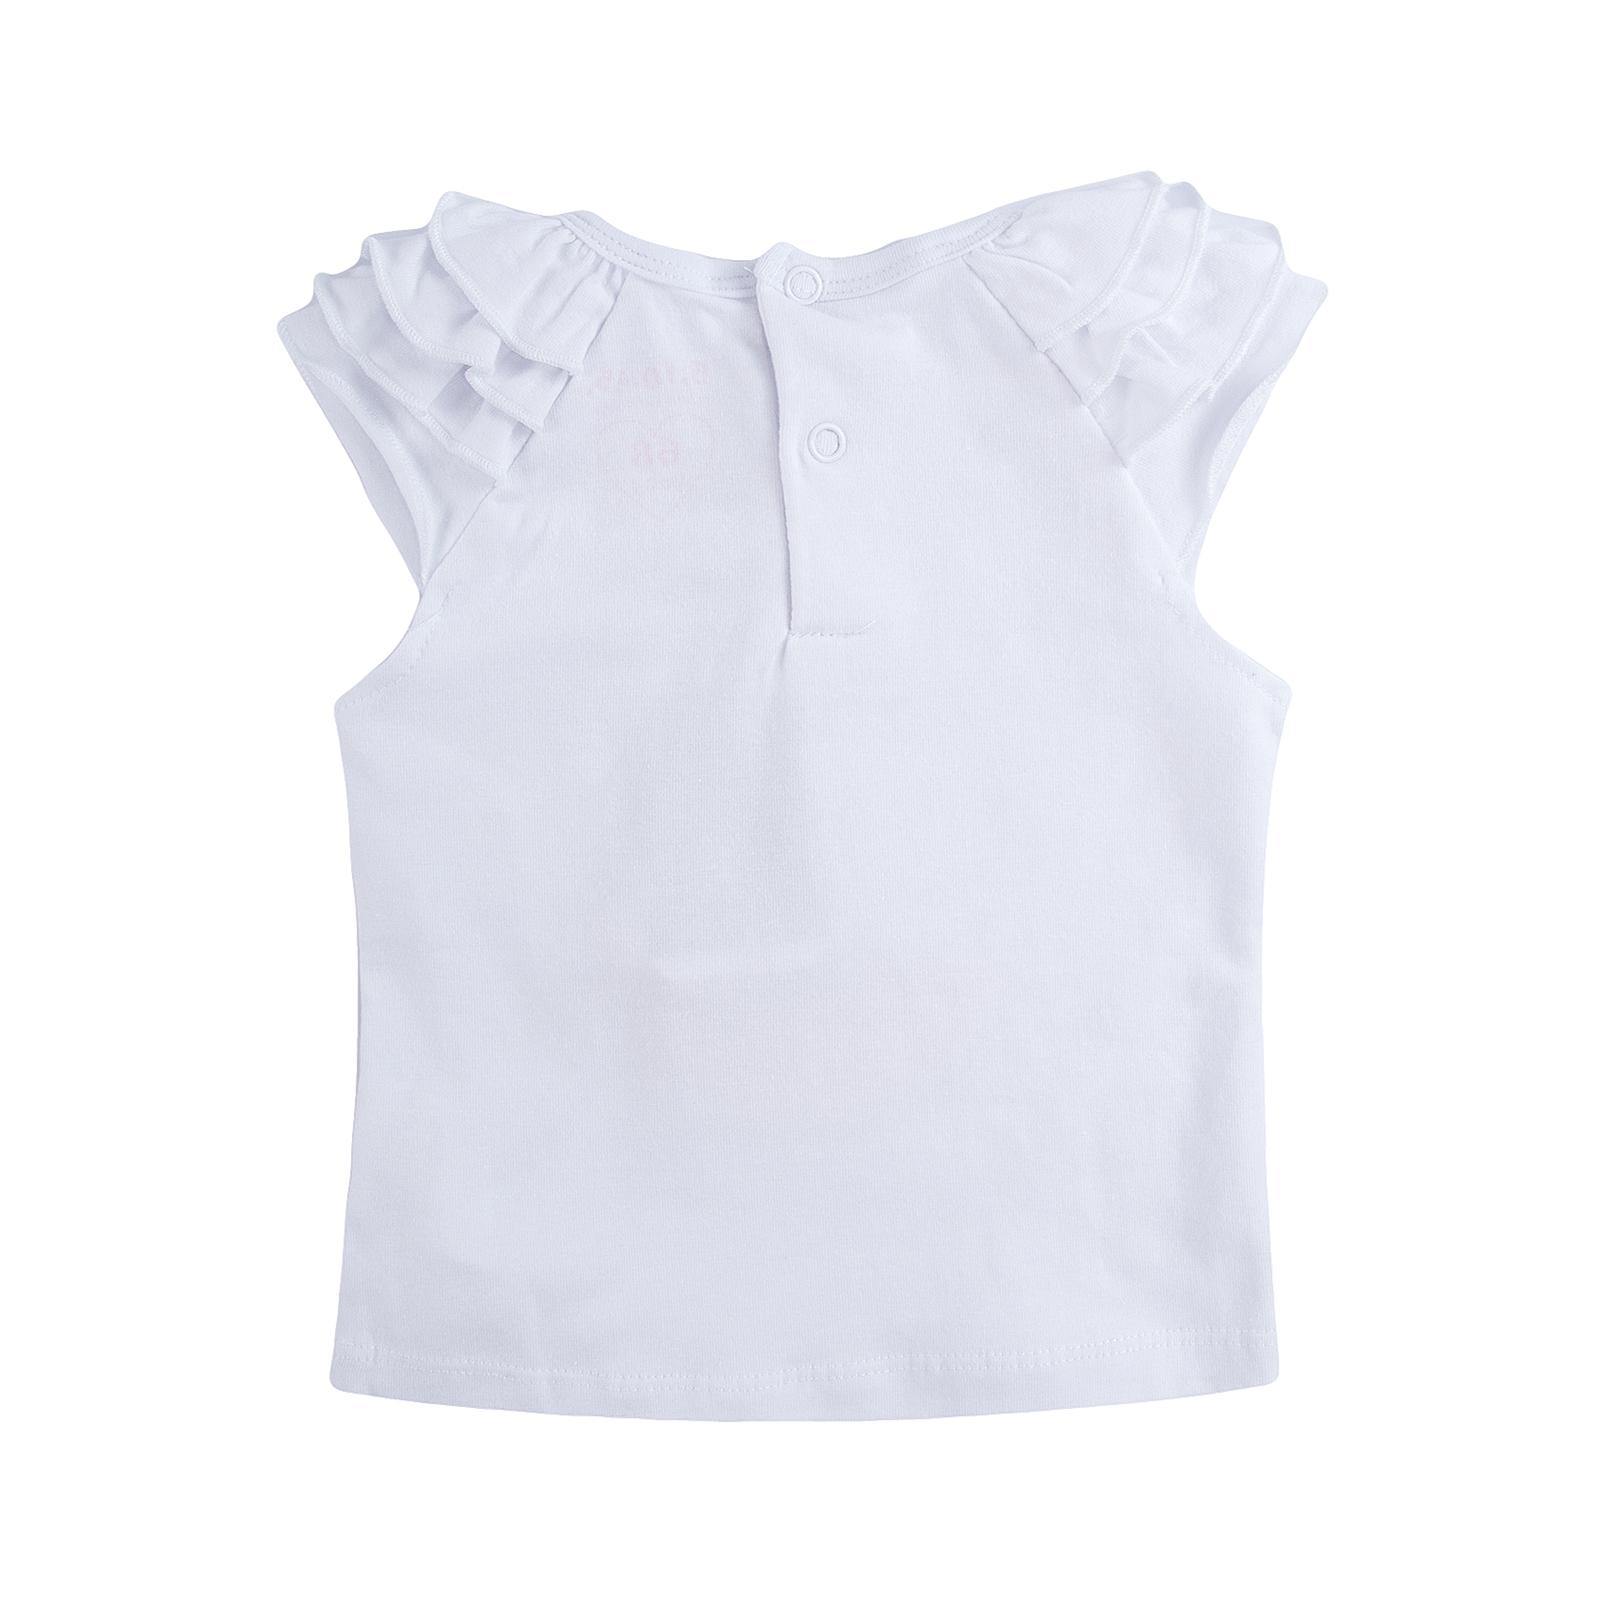 Футболка с коротким рукавом для девочек 5.10.15. цвет белый, с принтом, на шее заклепка 9 мес.